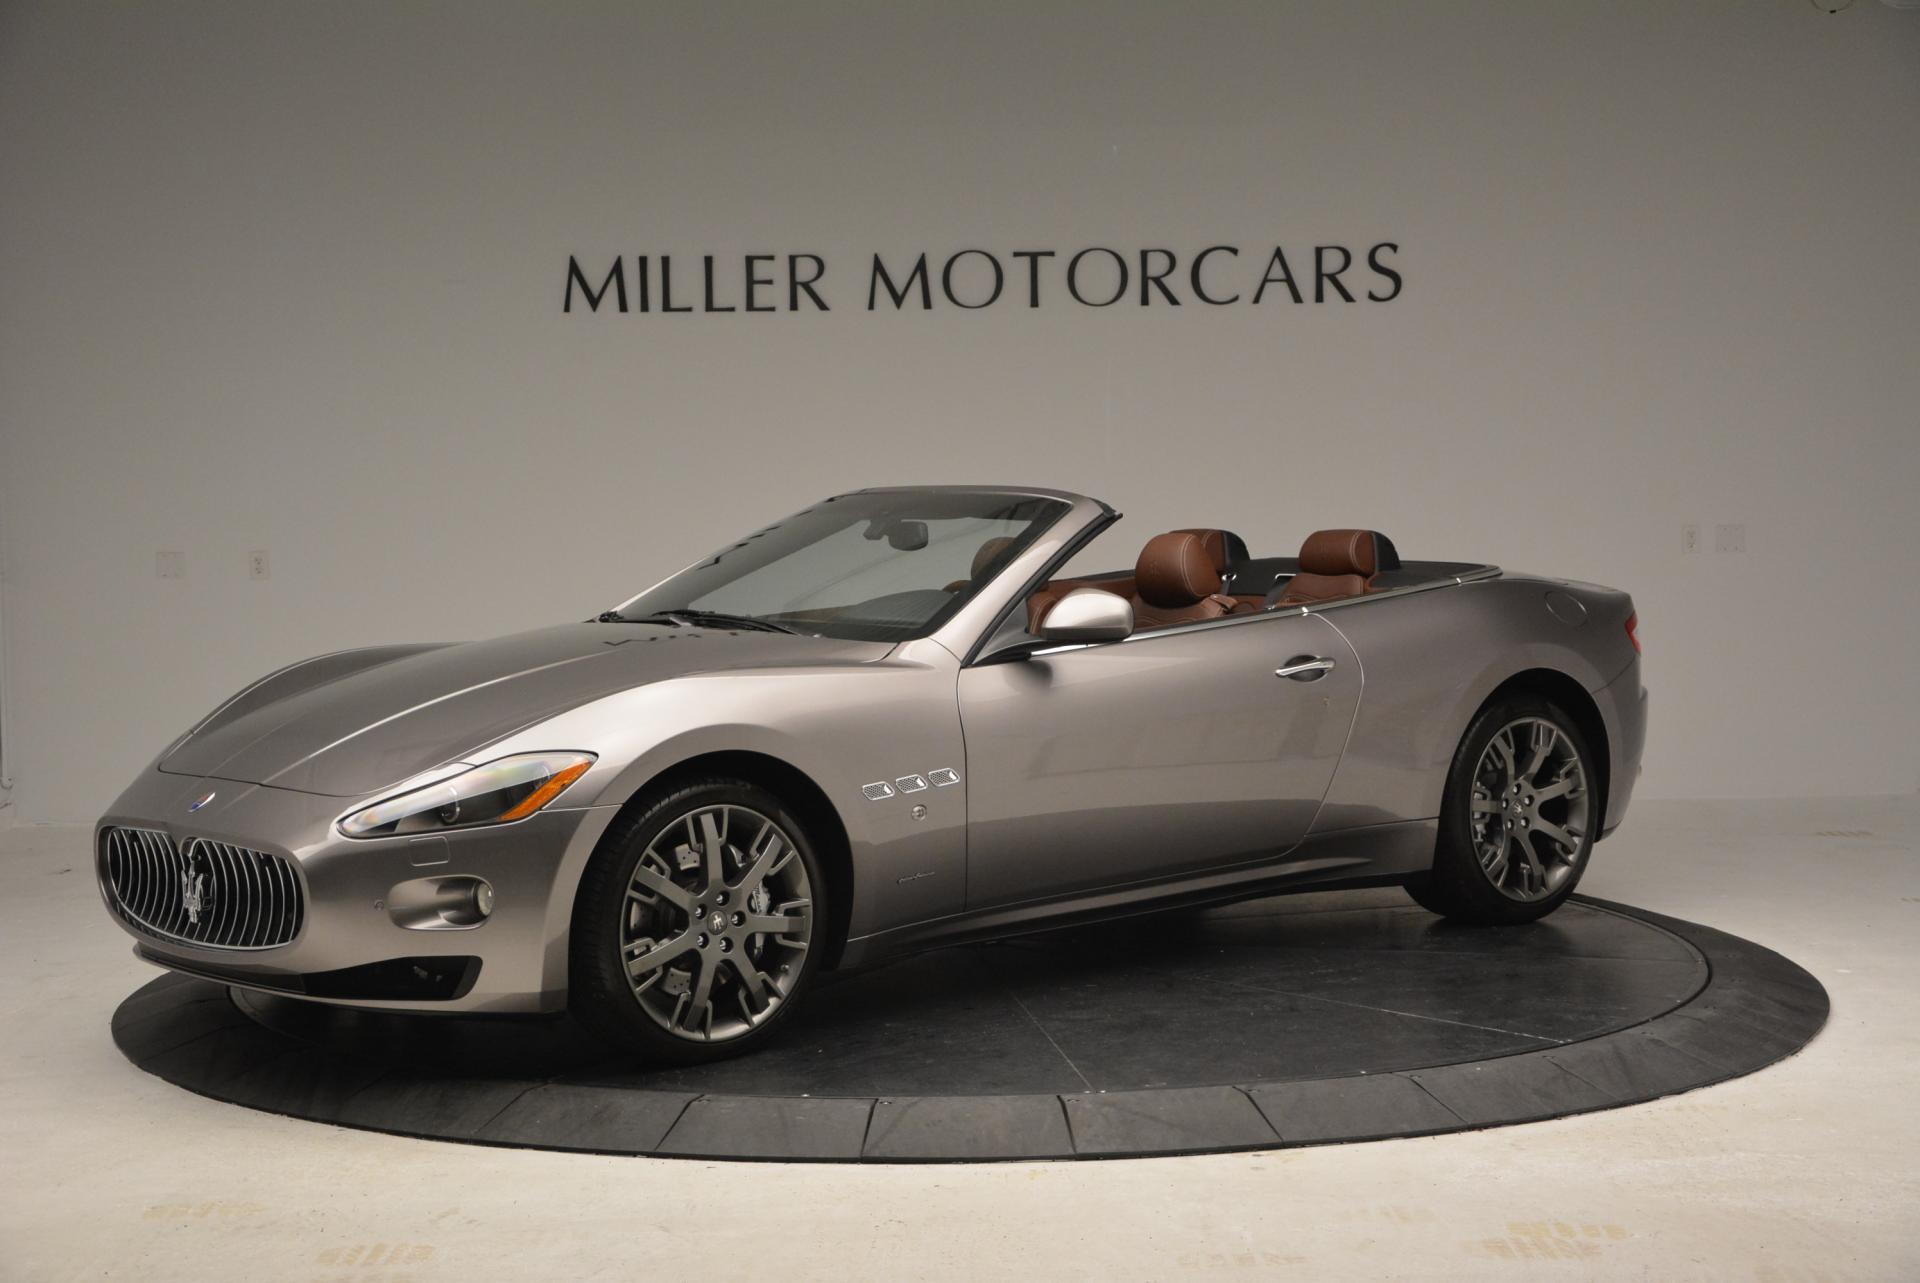 Used 2012 Maserati GranTurismo  For Sale In Greenwich, CT 157_p2